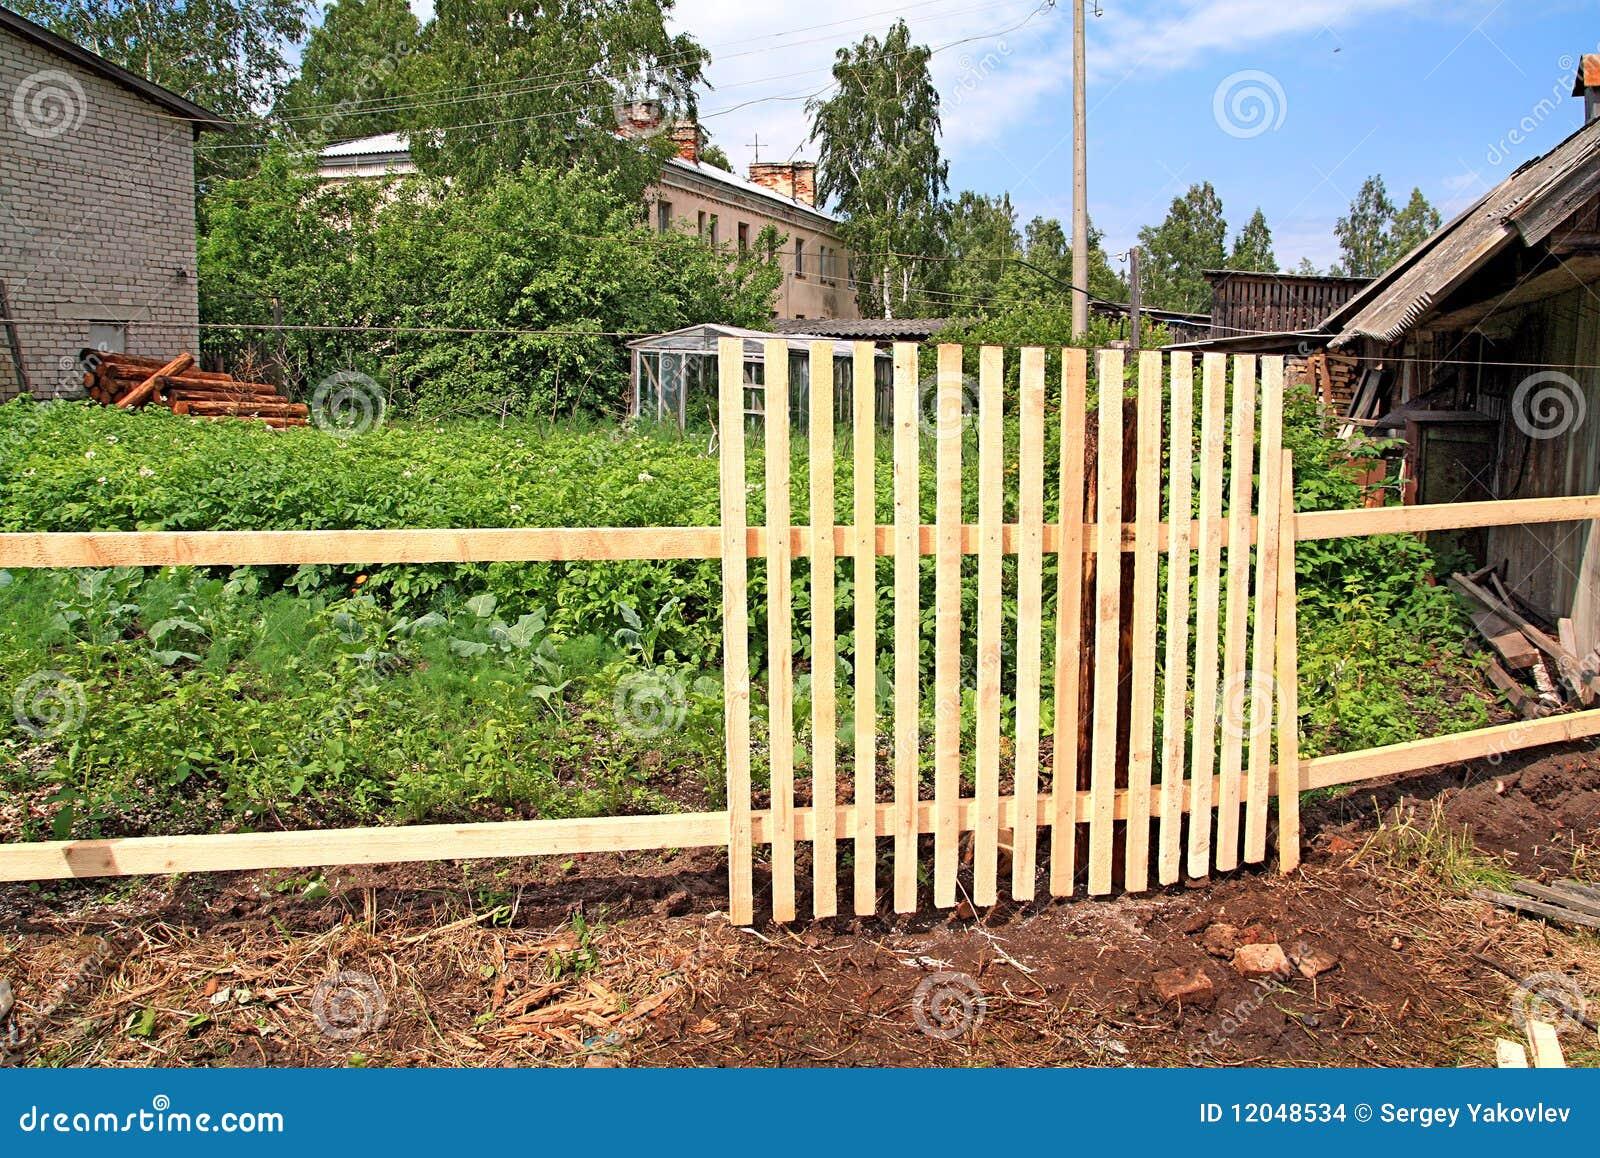 imagens de cerca para jardim:Cerca De Madeira Nova Imagens de Stock  #075FC4 1300x958